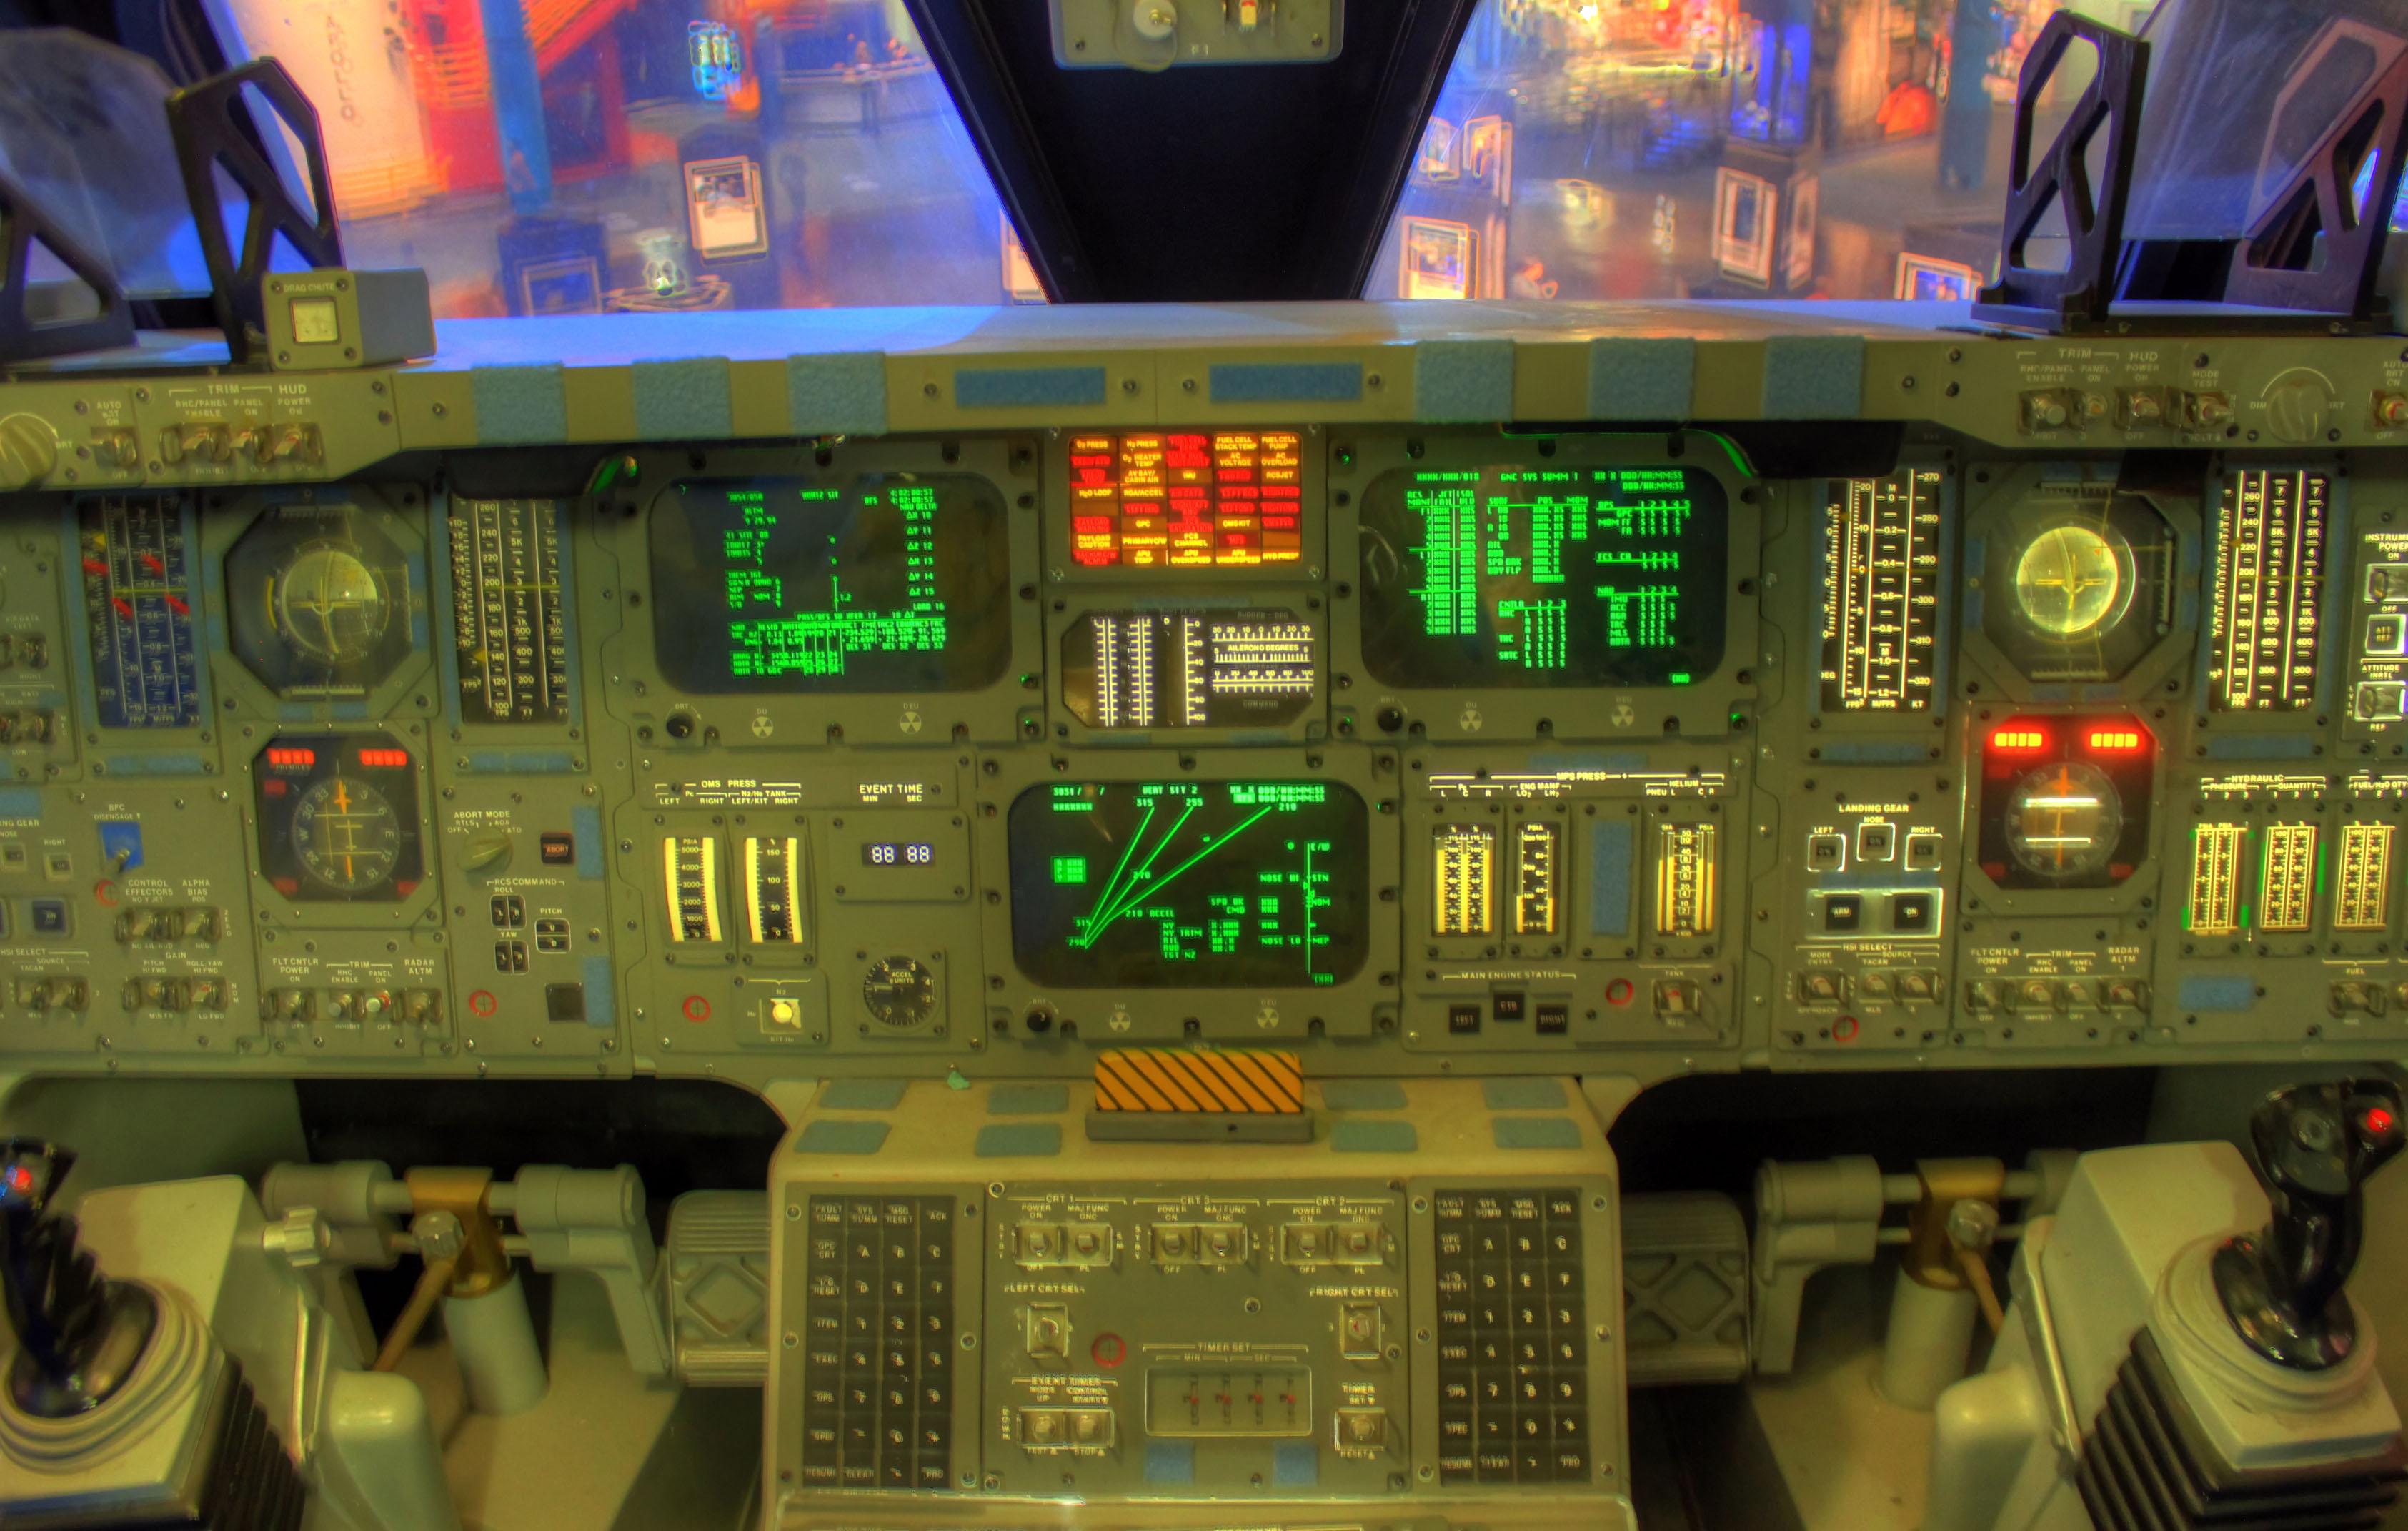 space shuttle original cockpit - photo #7